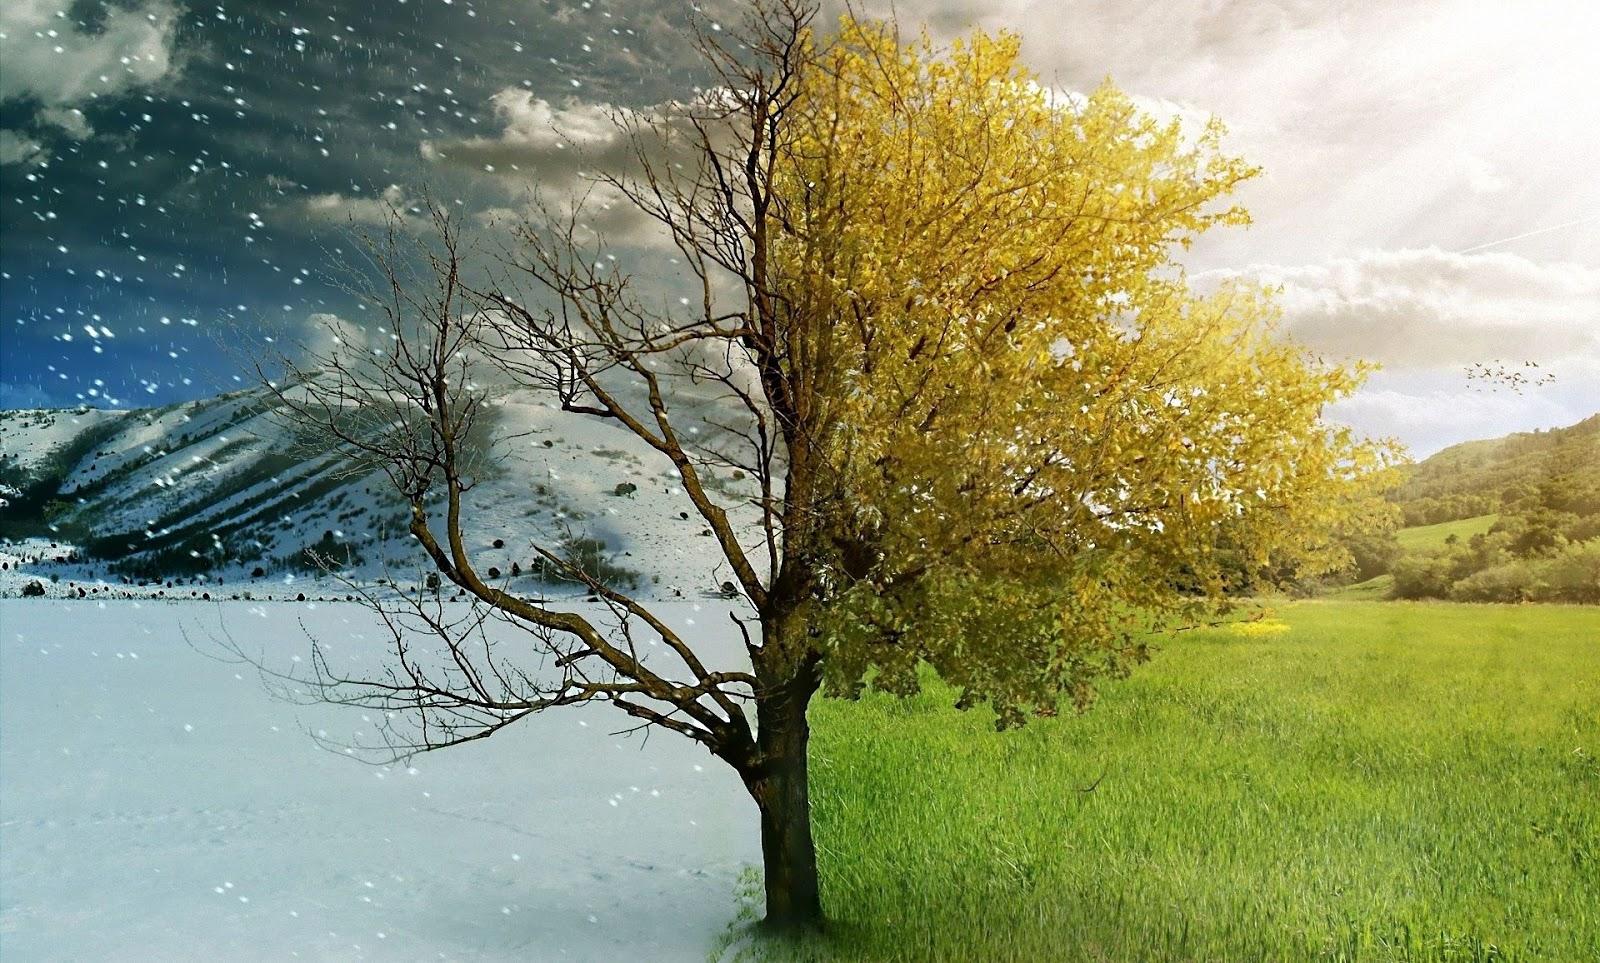 في الشتاء خمس وفي الصيف ثلاث